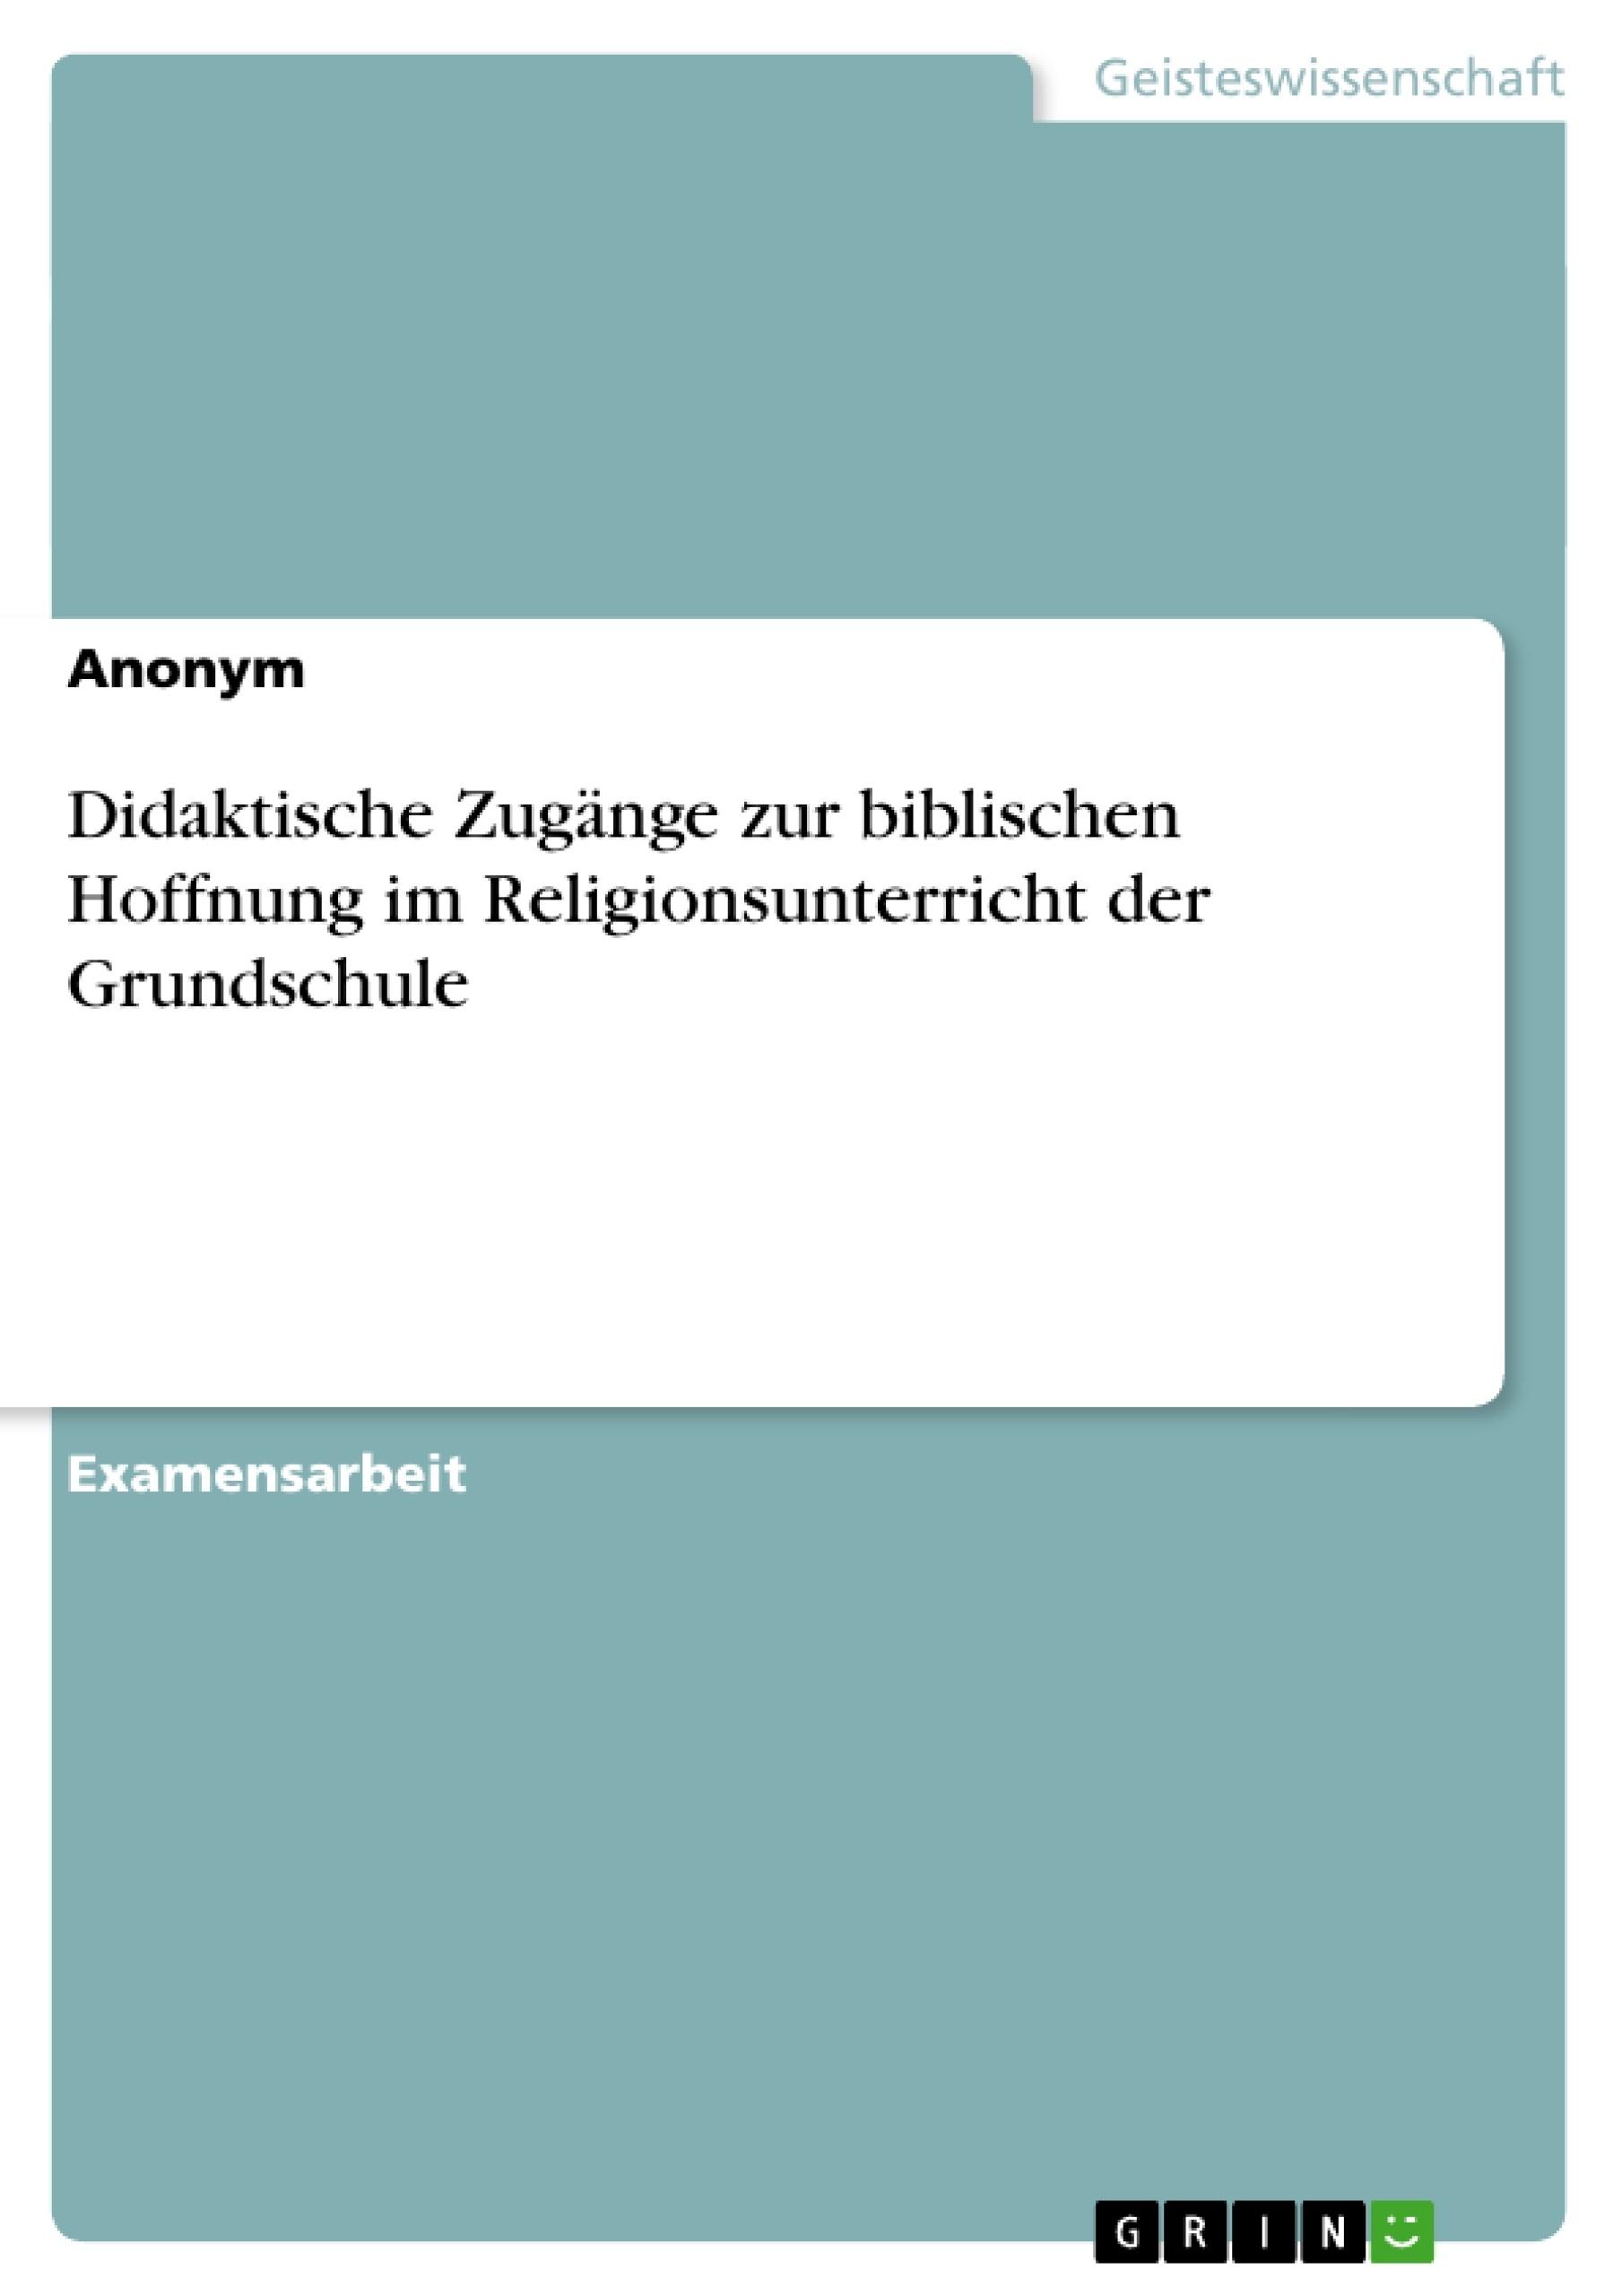 Titel: Didaktische Zugänge zur biblischen Hoffnung im Religionsunterricht der Grundschule